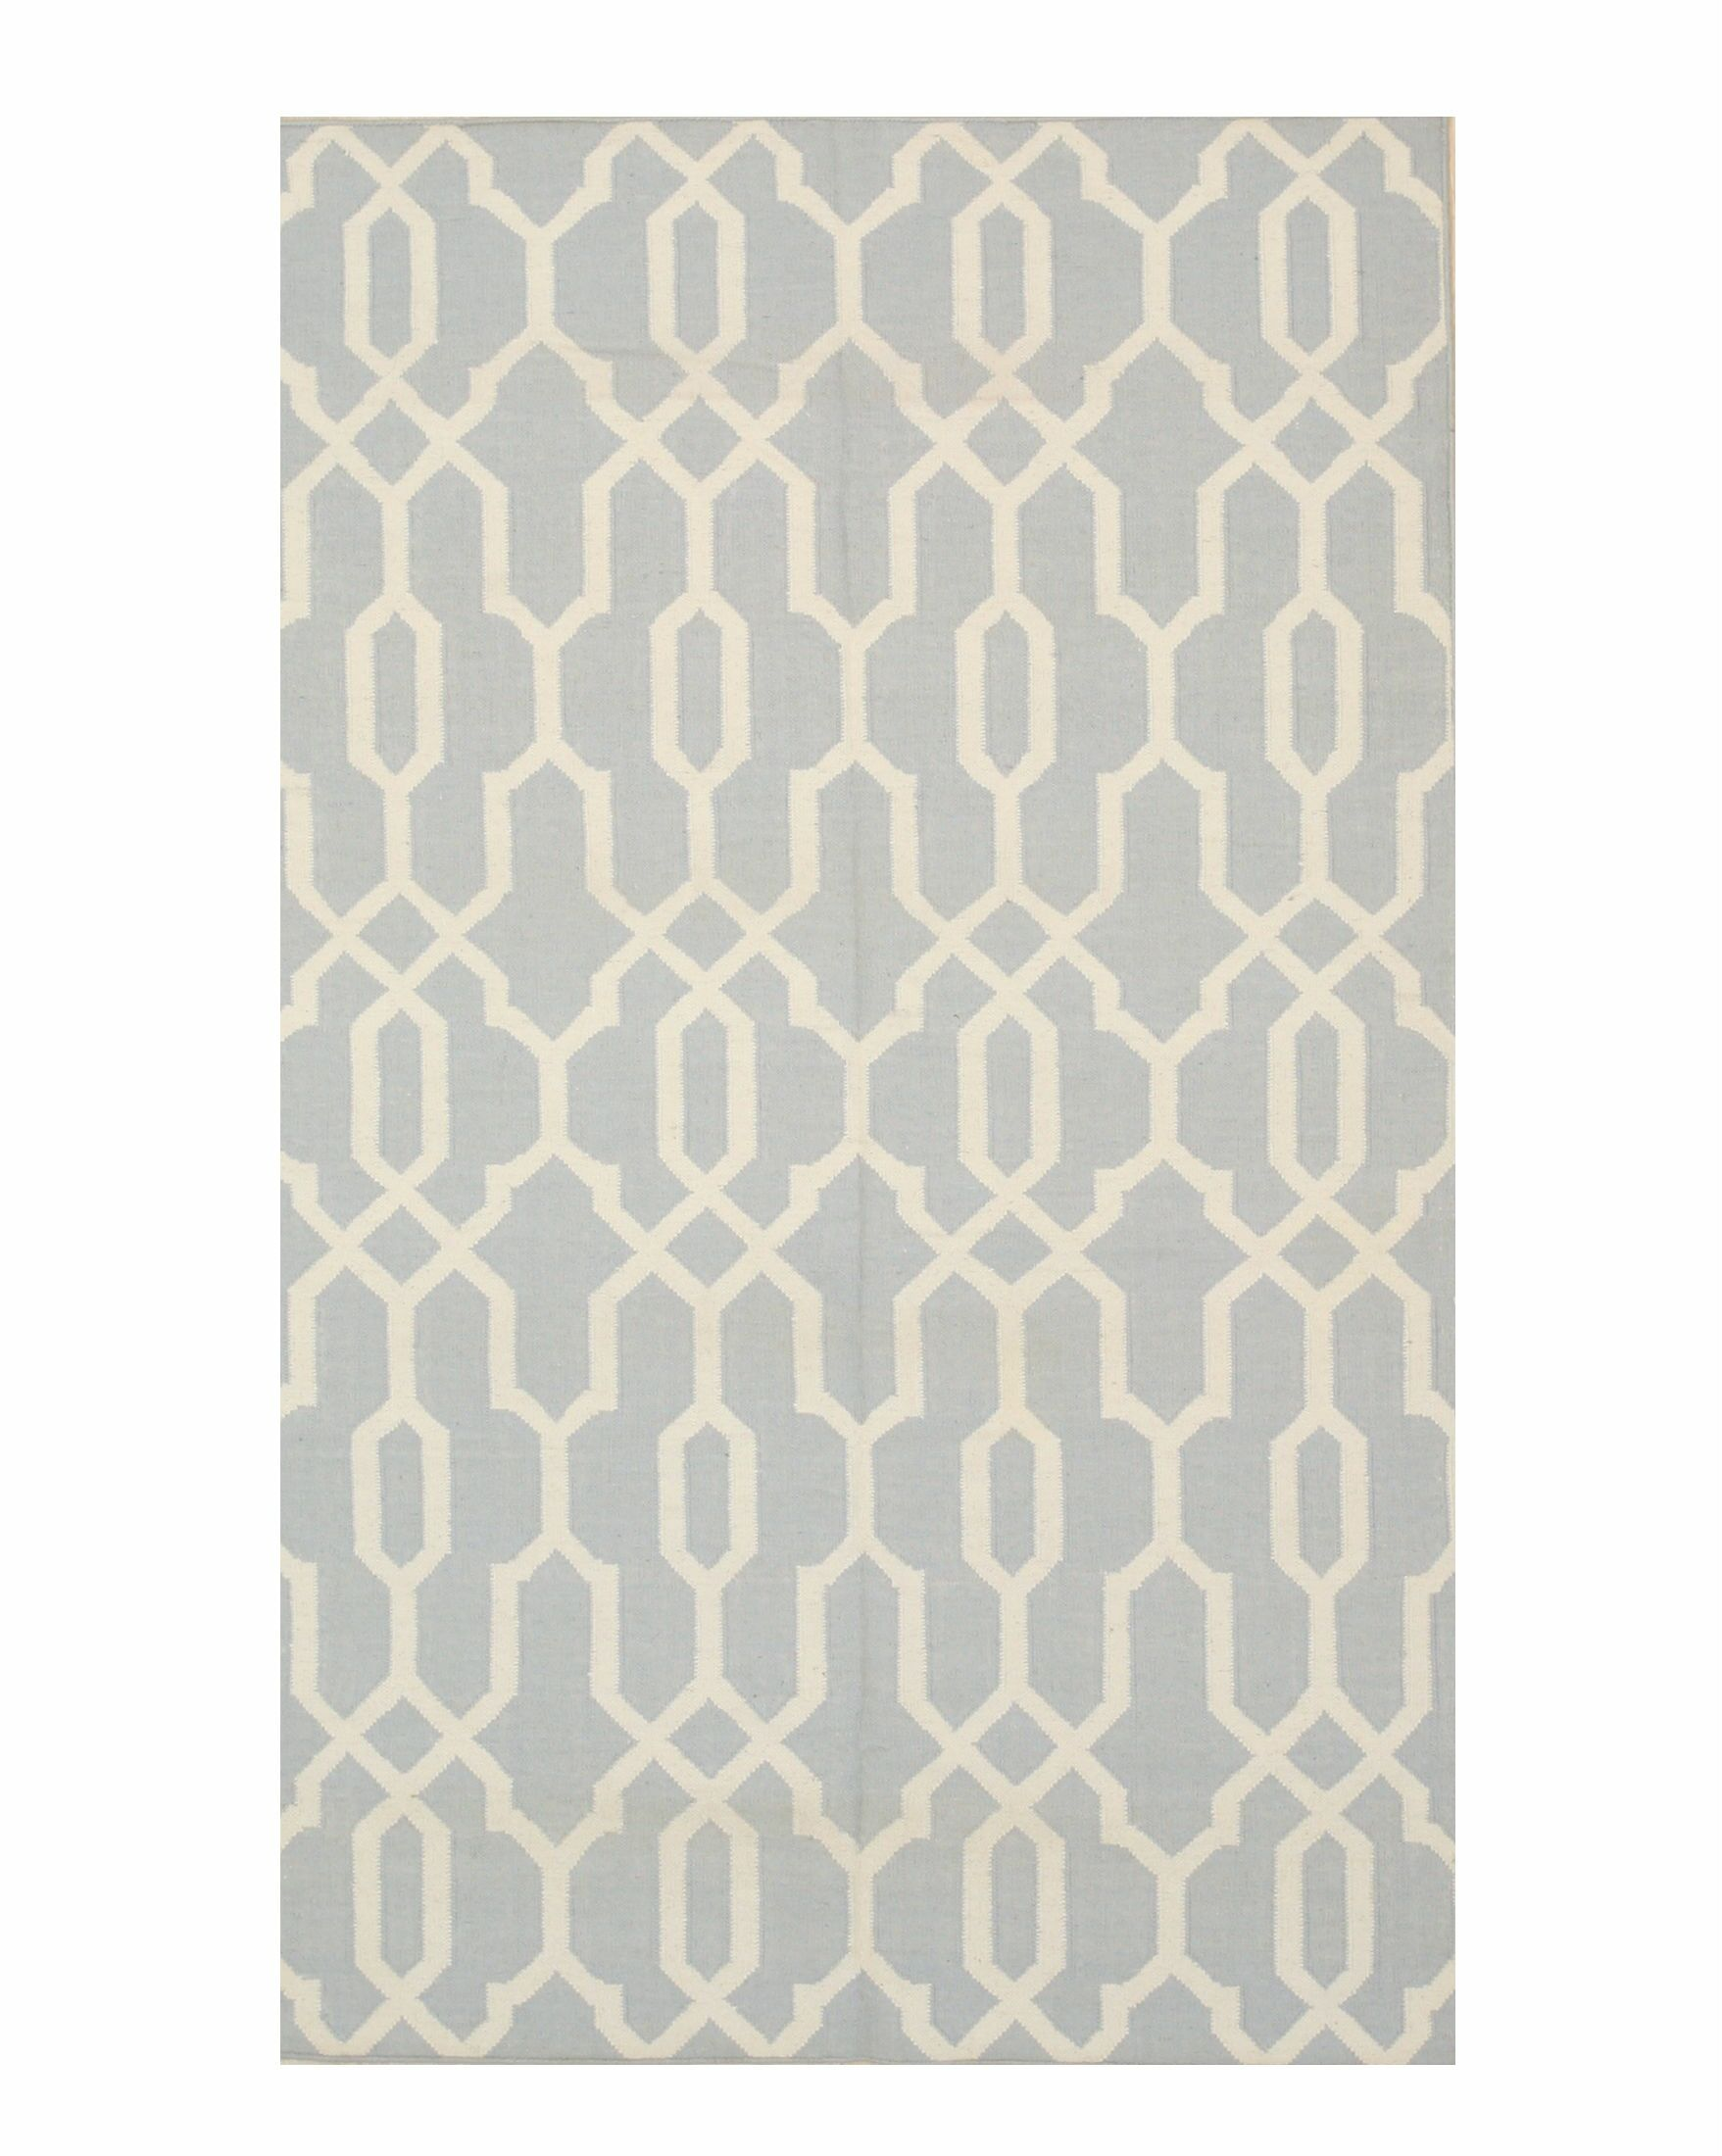 Durrant Handmade Gray Area Rug Rug Size: 8' x 10'